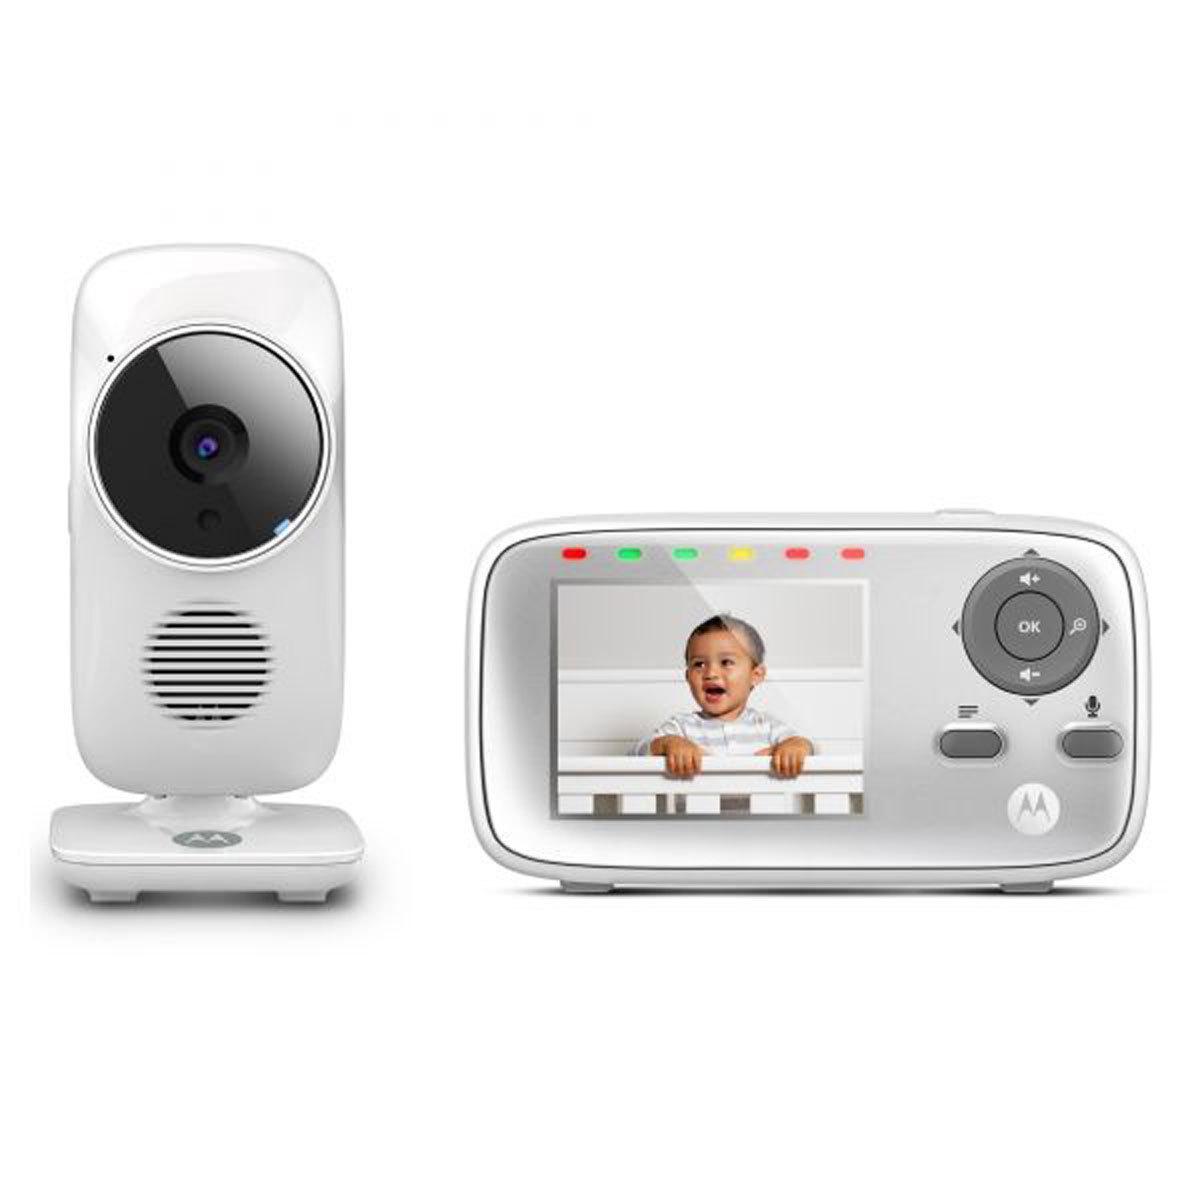 Écoute bébé Babyphone avec Ecran MBP483 Babyphone avec Ecran MBP483